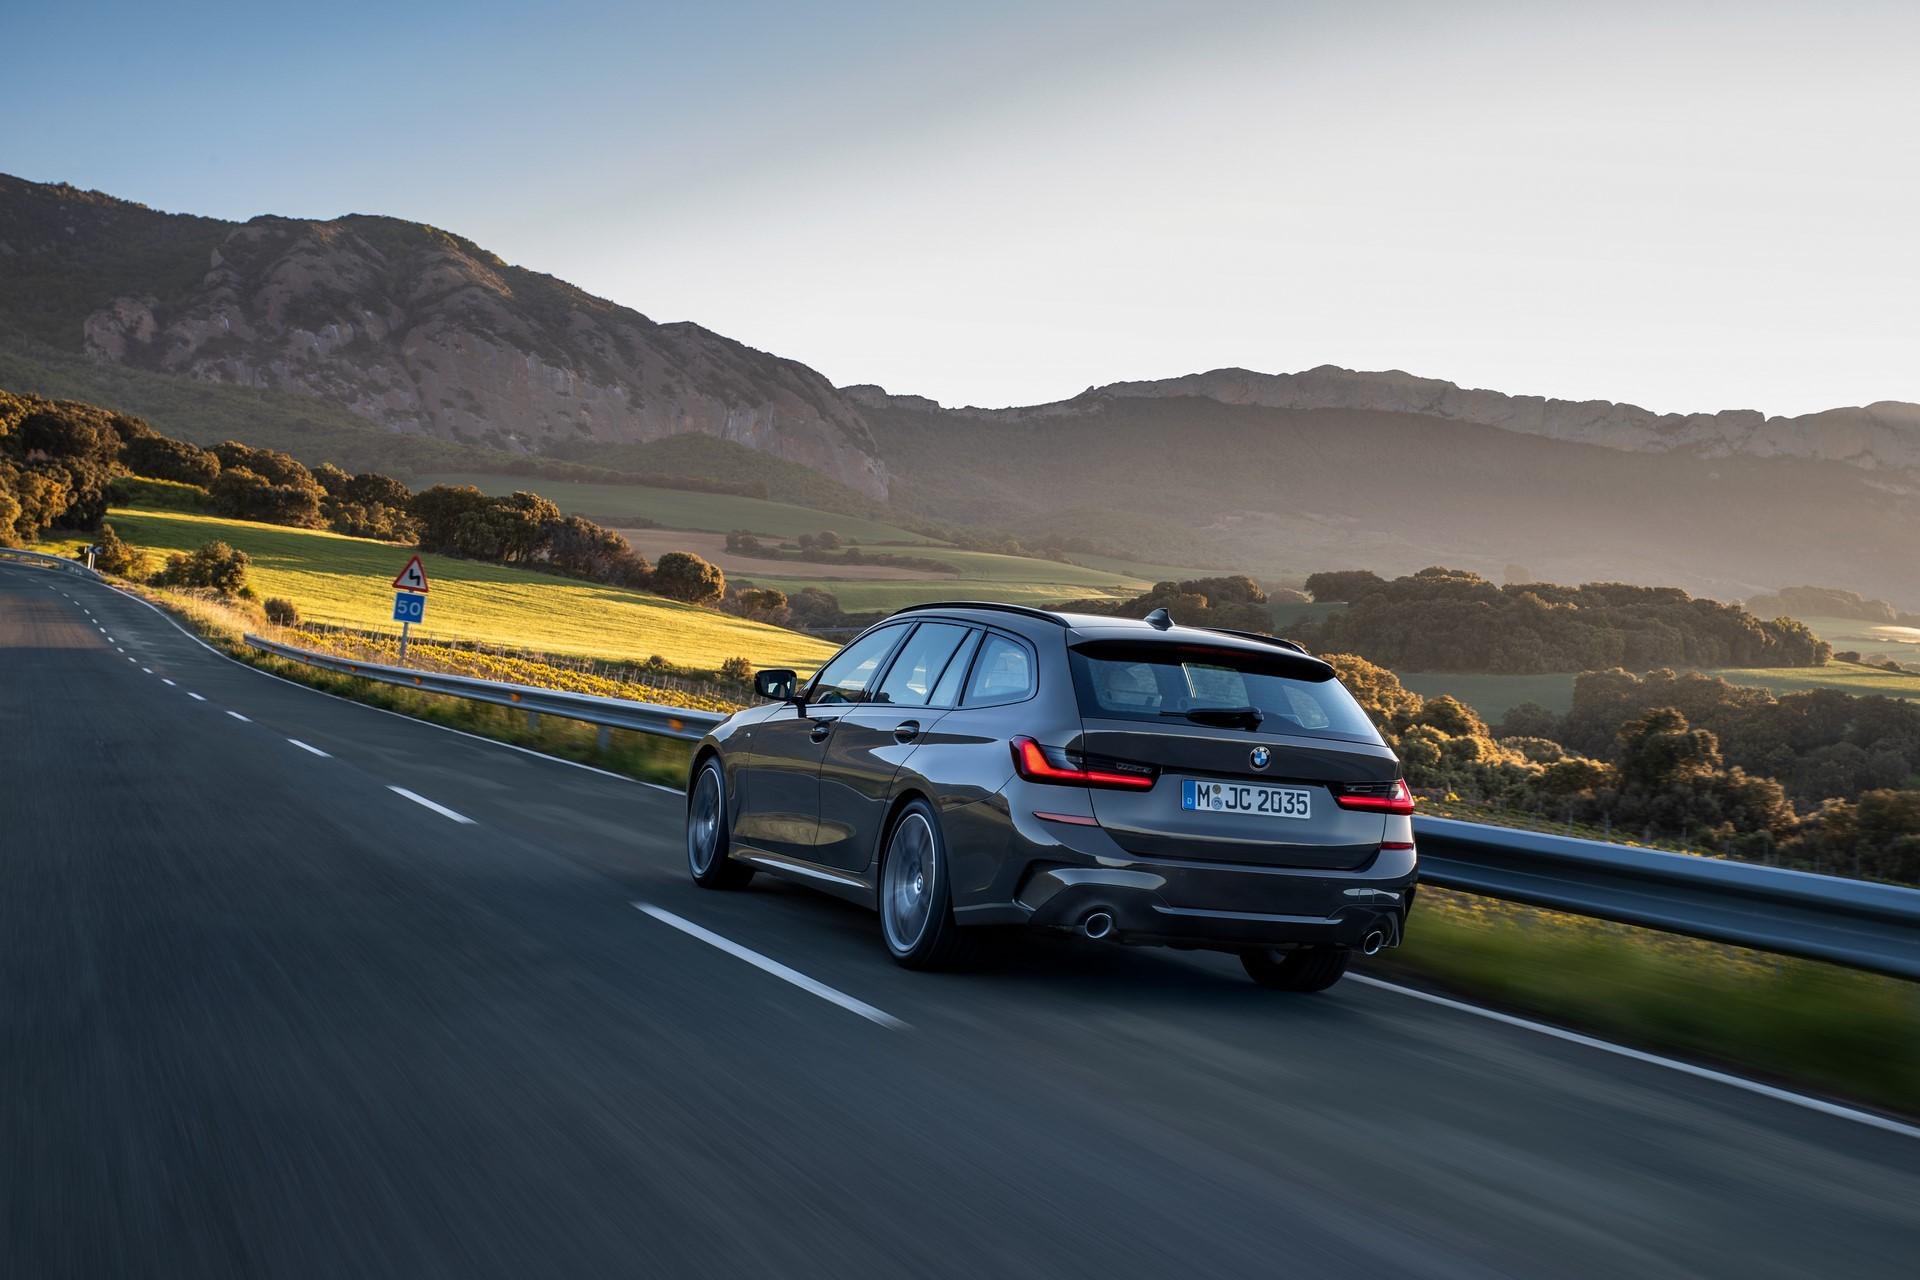 BMW-3-Series-Touring-2019-60